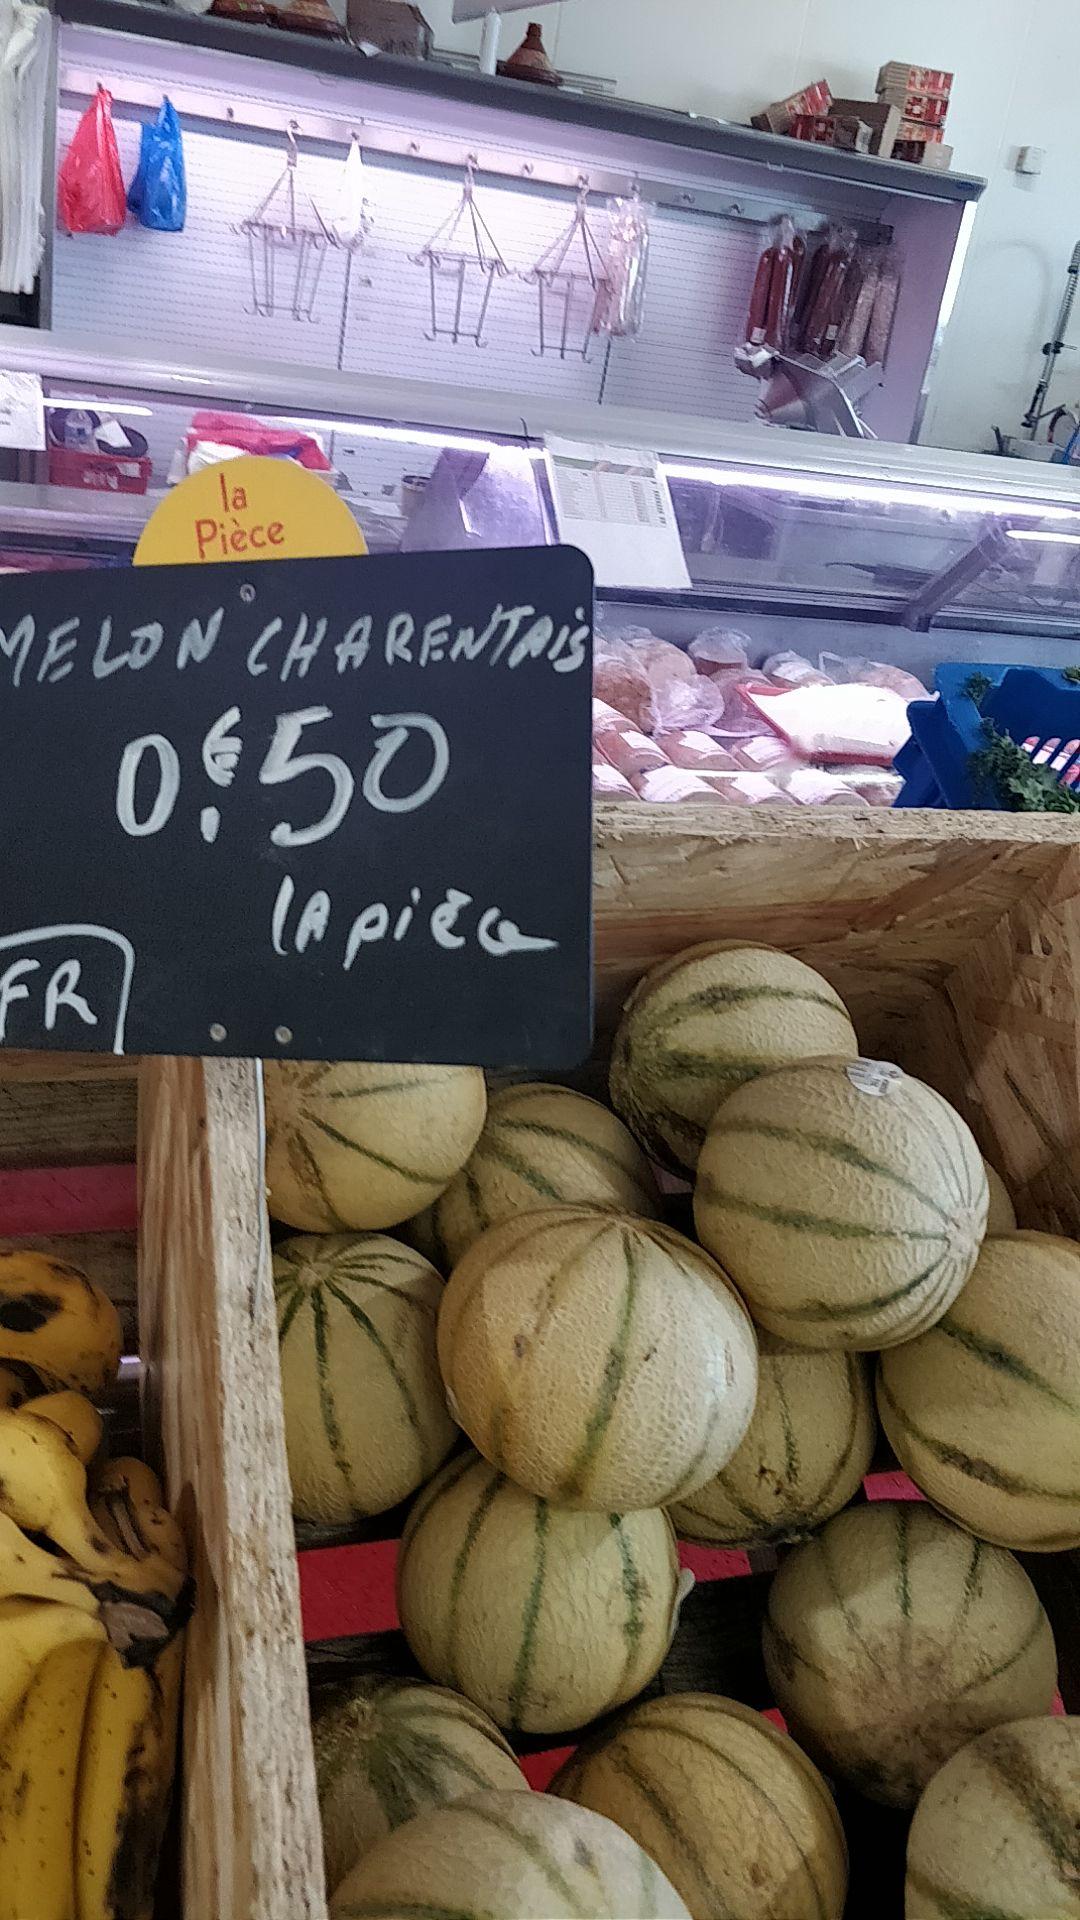 Melon Charentais - Ferme de l'oise Ableiges (95)